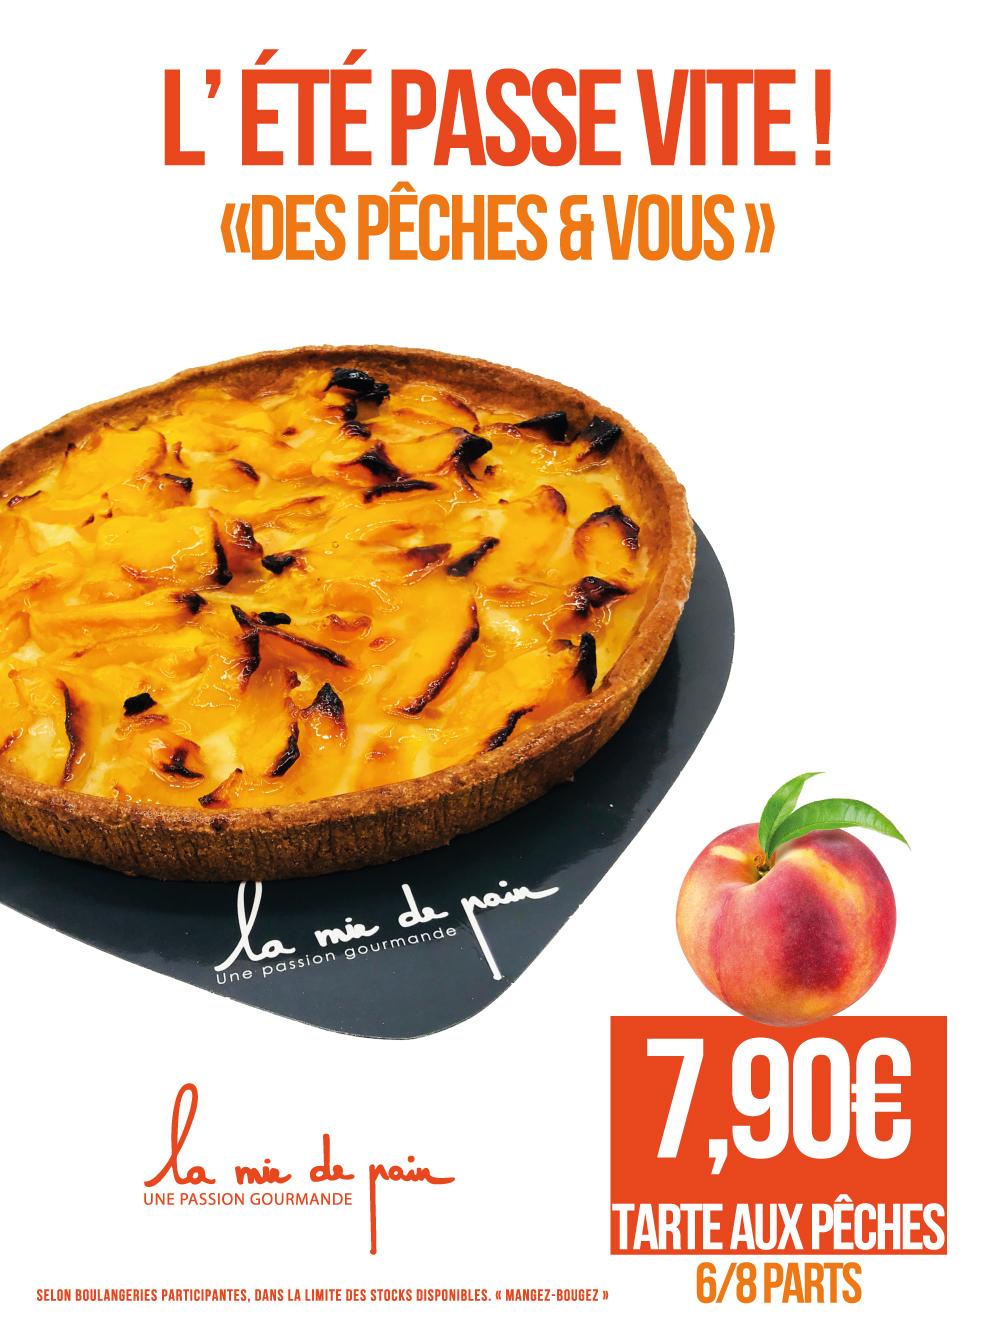 A1-tartes-aux-pêches-lamiedepain-summer2020